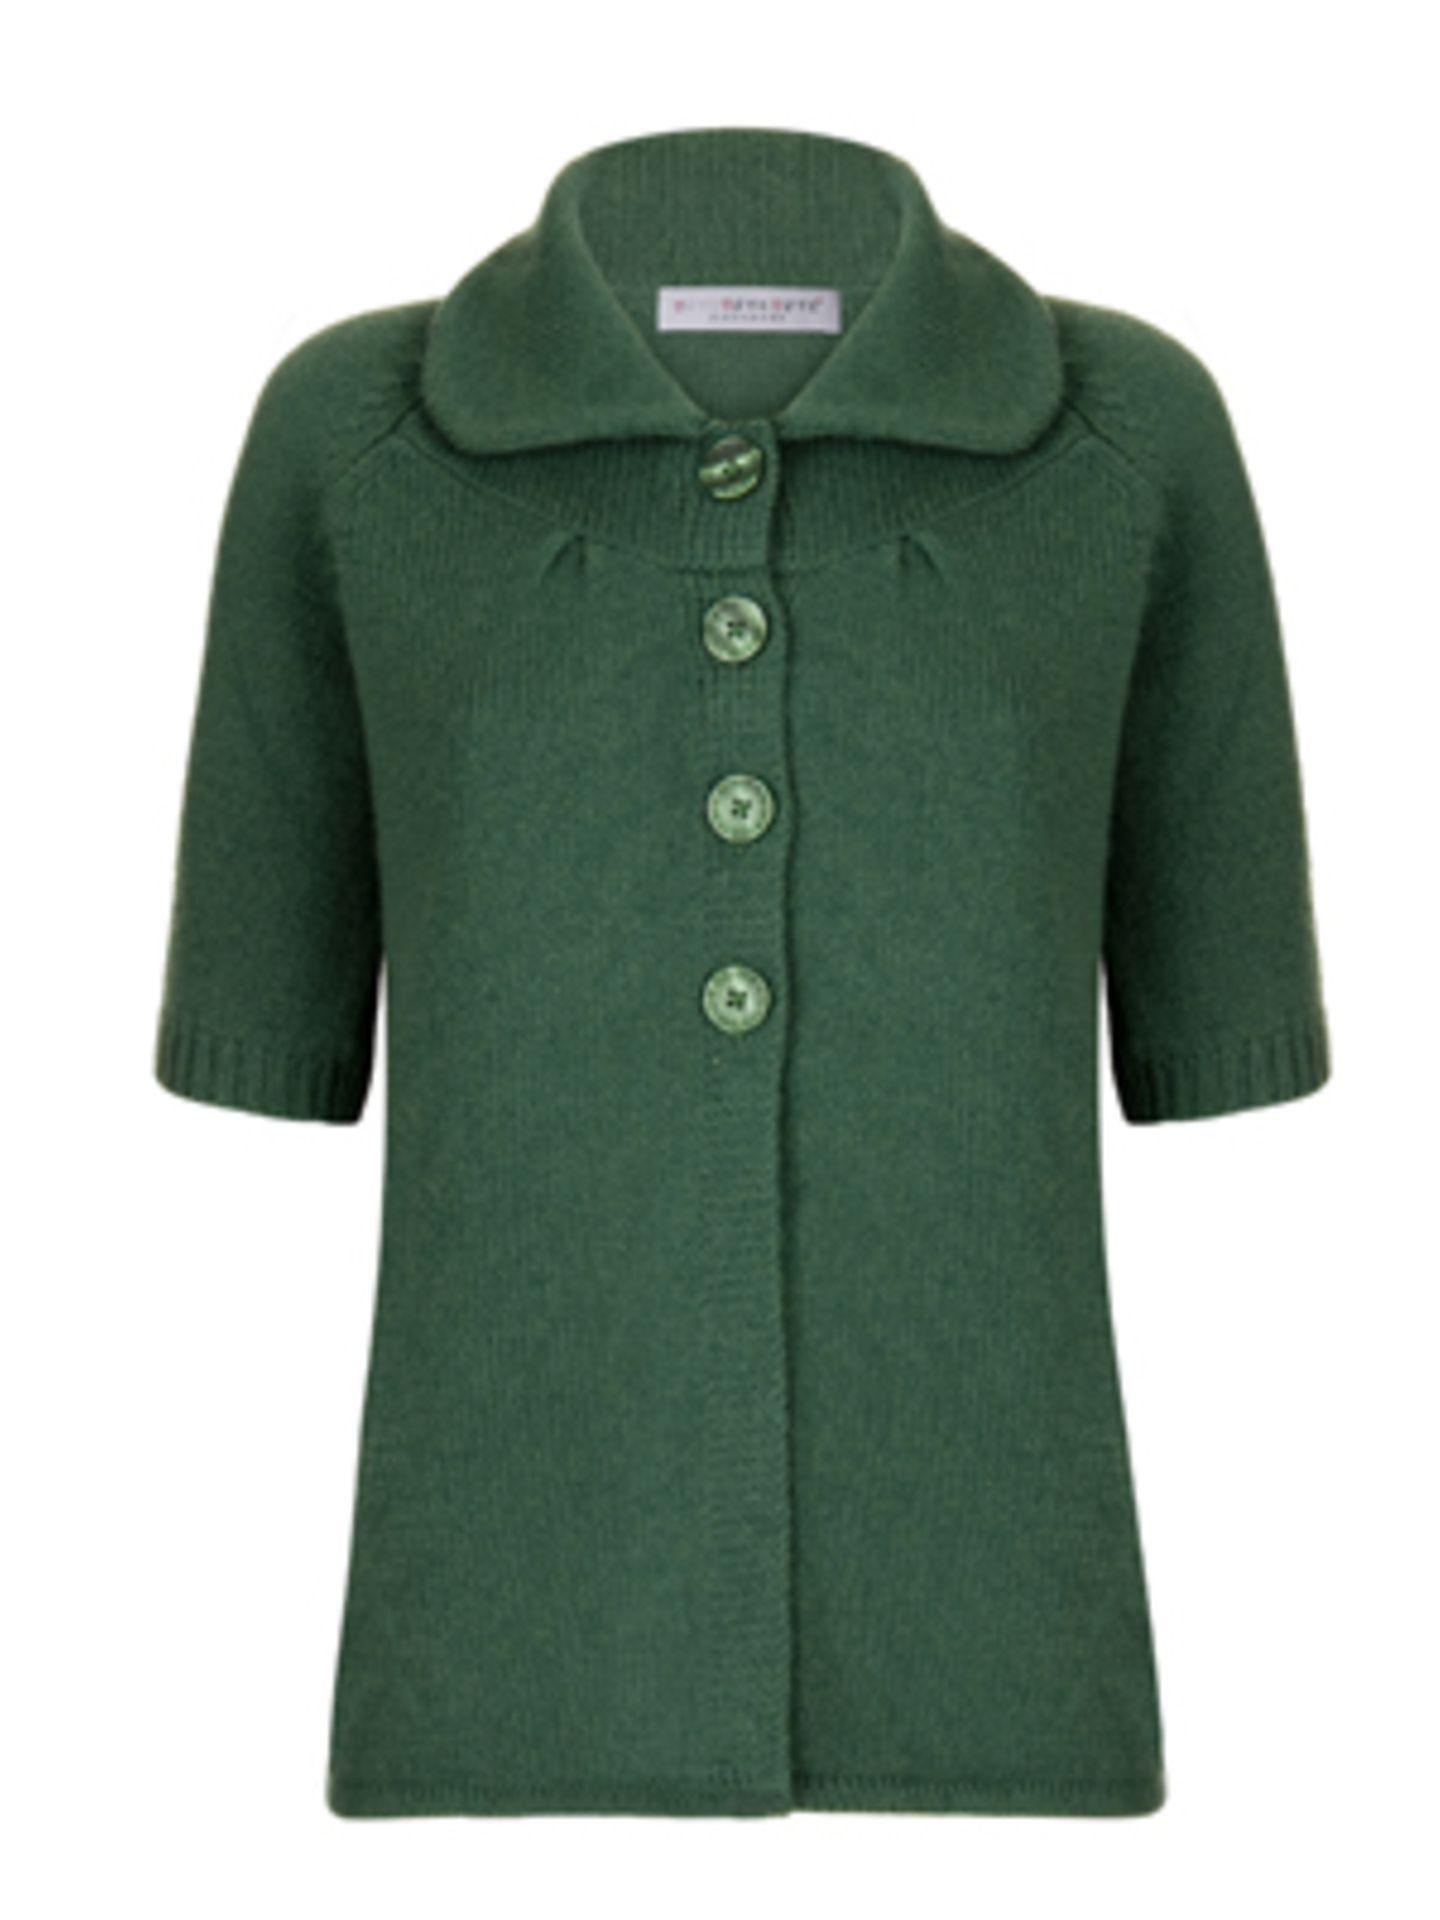 Grüne Feinstrickjacke mit rundem Kragen und nur halber Knopfleiste von ftc Cashmere, um 300 Euro.